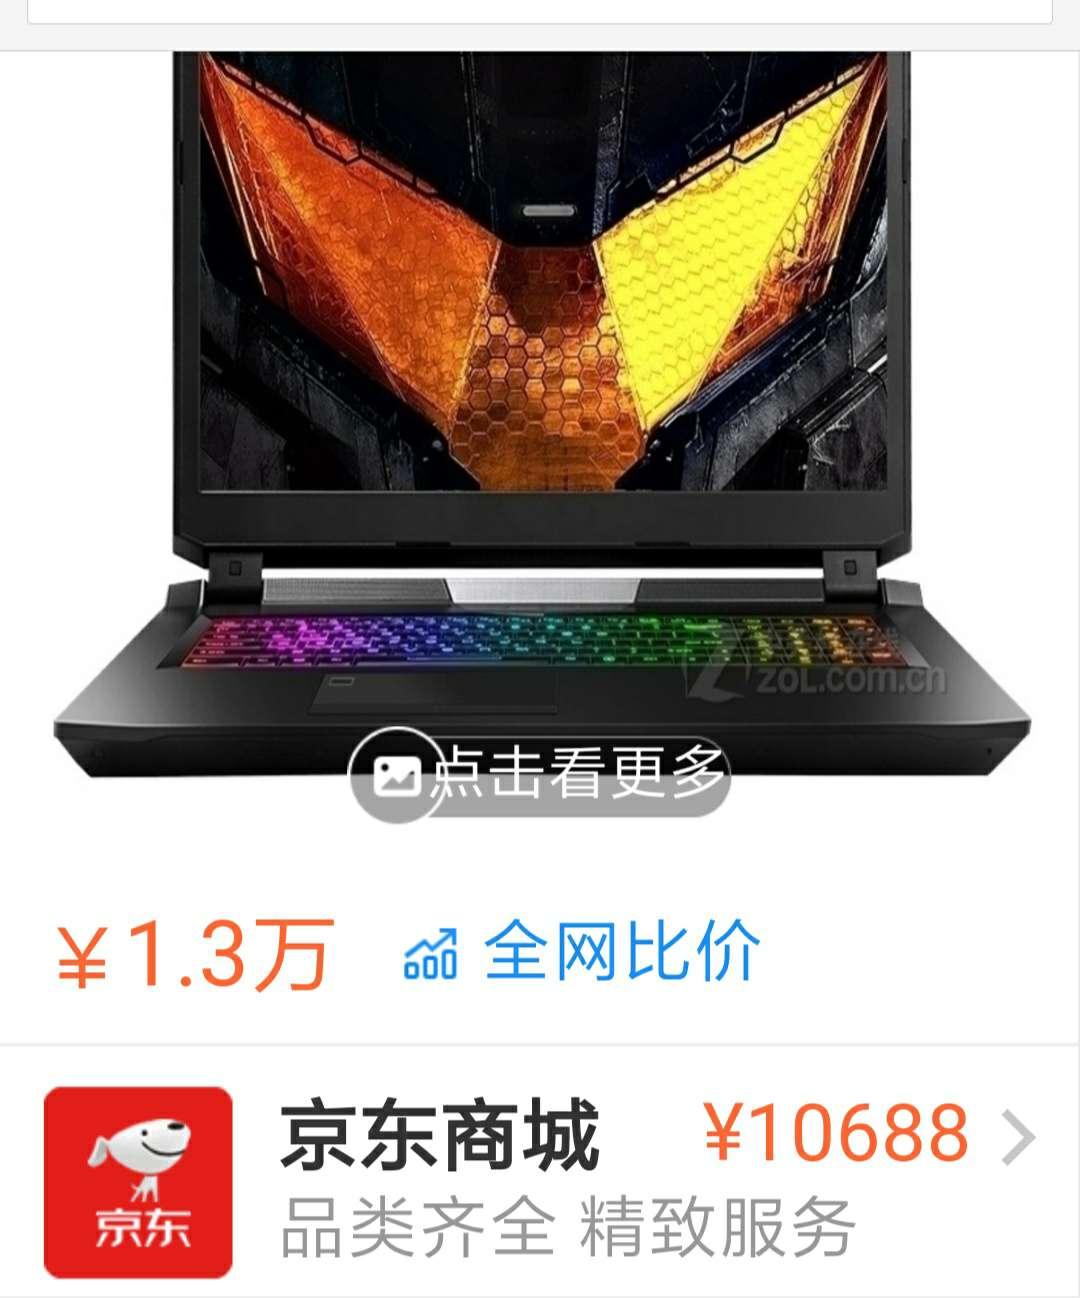 炫龙 V87P怎么散热?